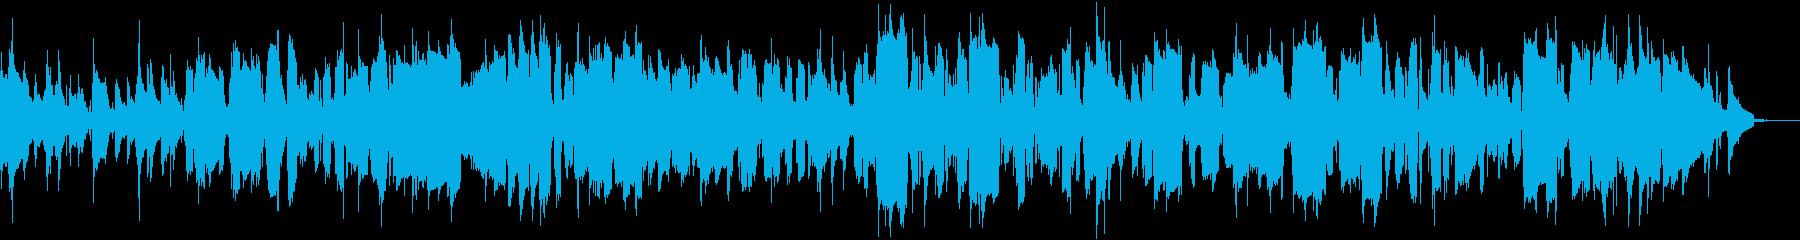 アルトサックスによるモダンジャズナンバーの再生済みの波形